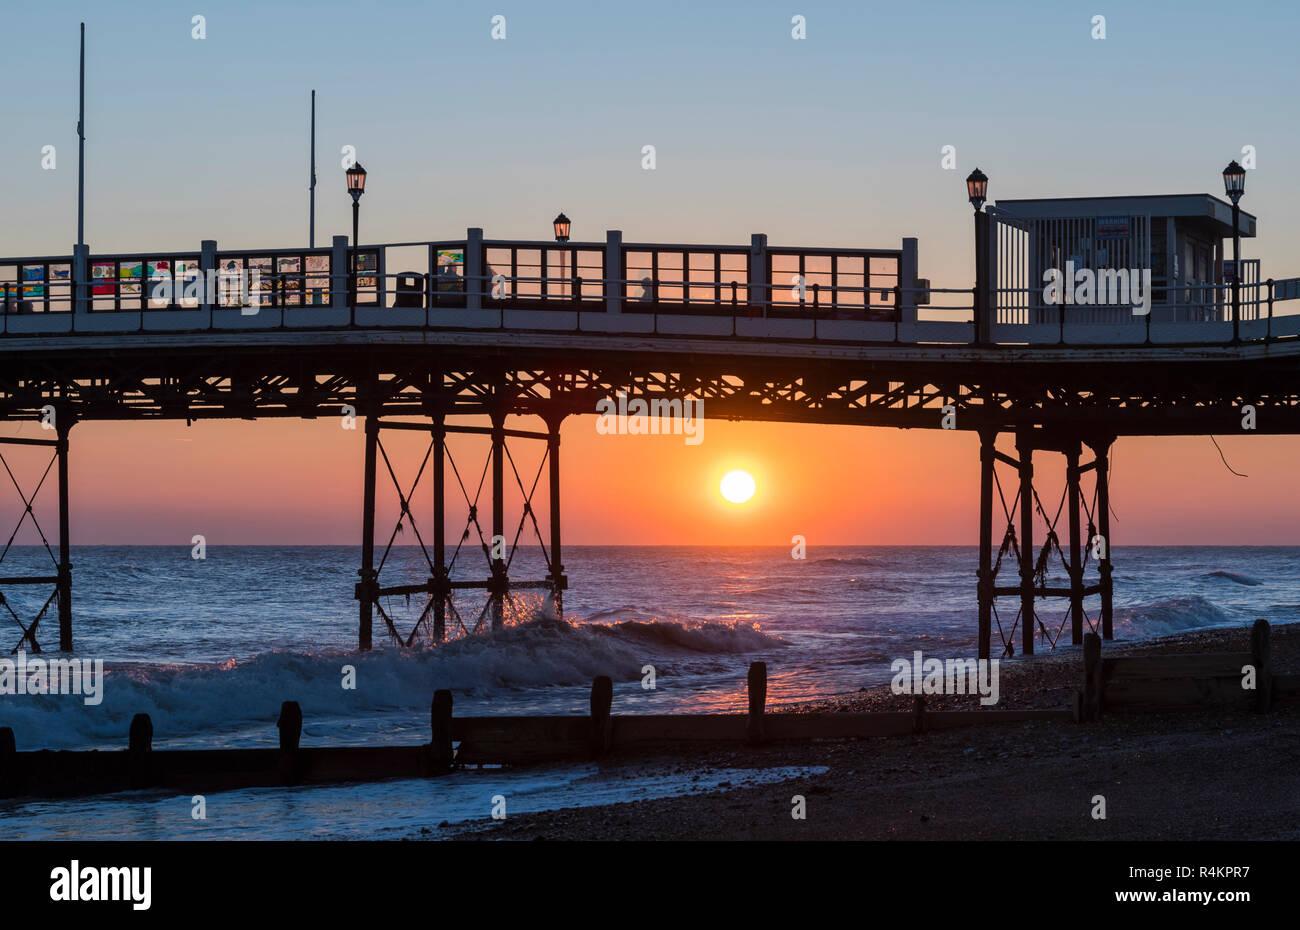 Niedrige Sonnenuntergang über dem Meer bei einem Herbst Sonnenuntergang an der Küste von Worthing Pier, West Sussex, England, UK. Stockbild